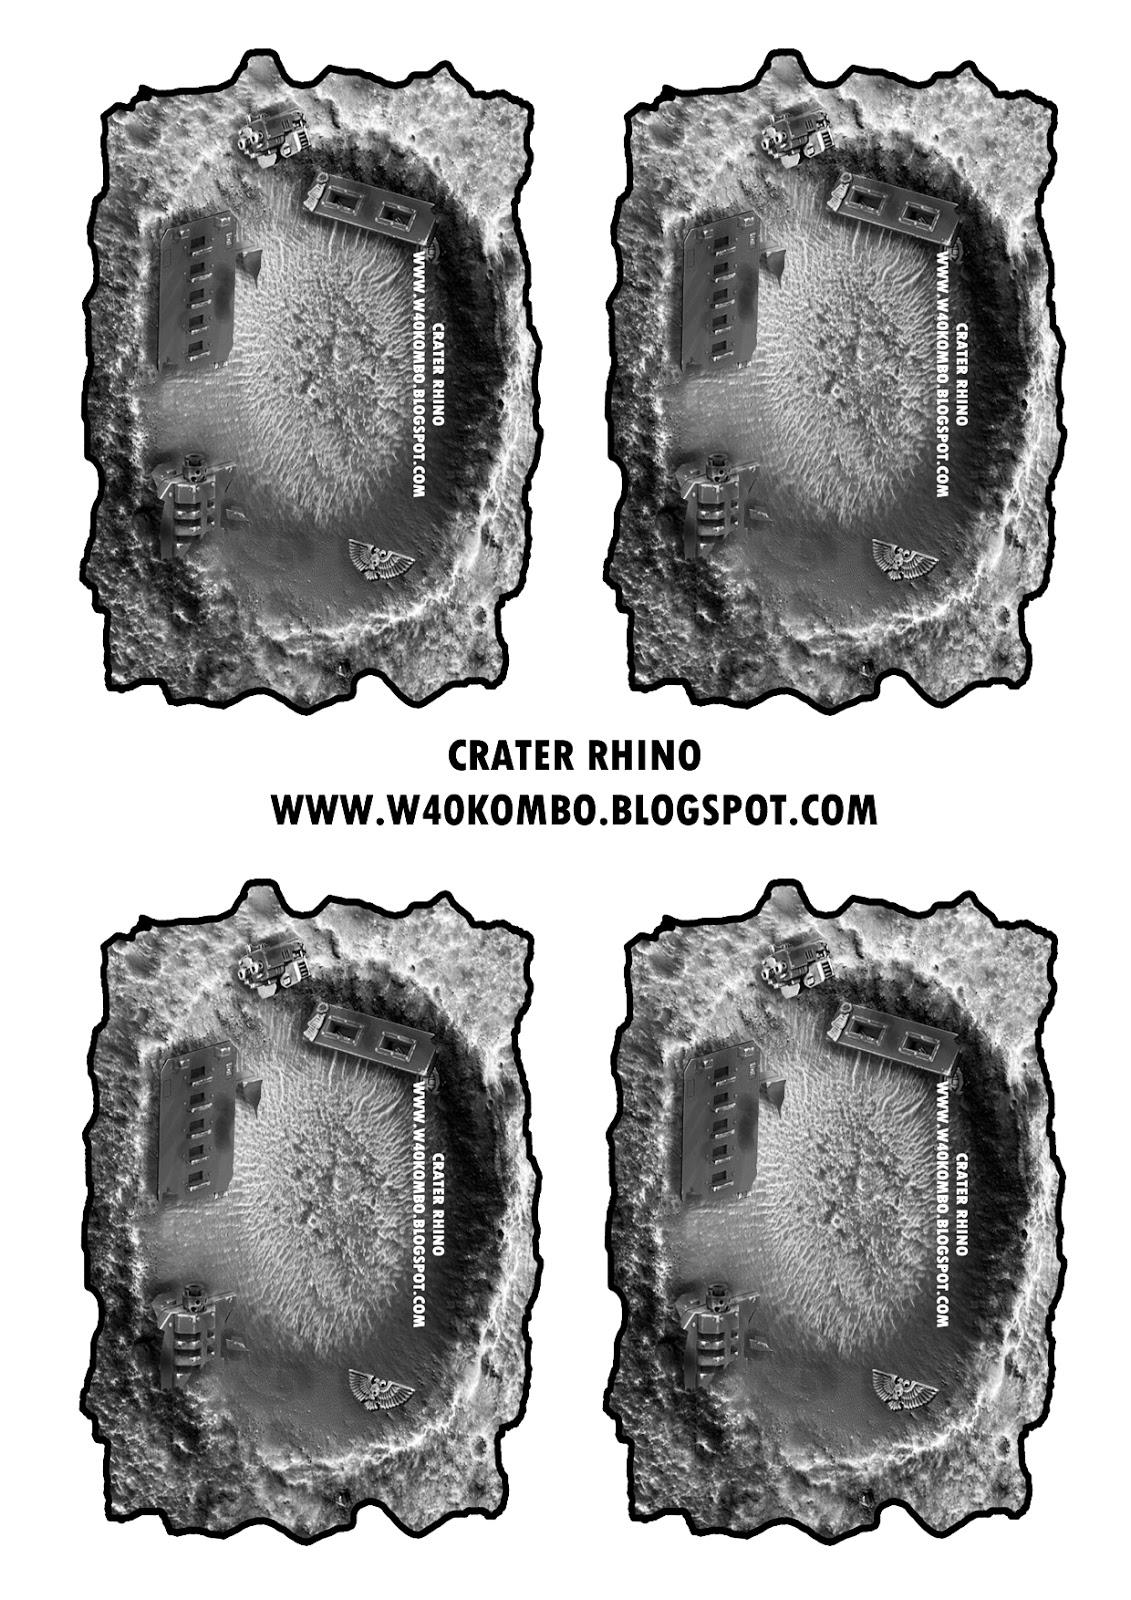 Plantillas de crateres descargables Crater+Rhino+A4